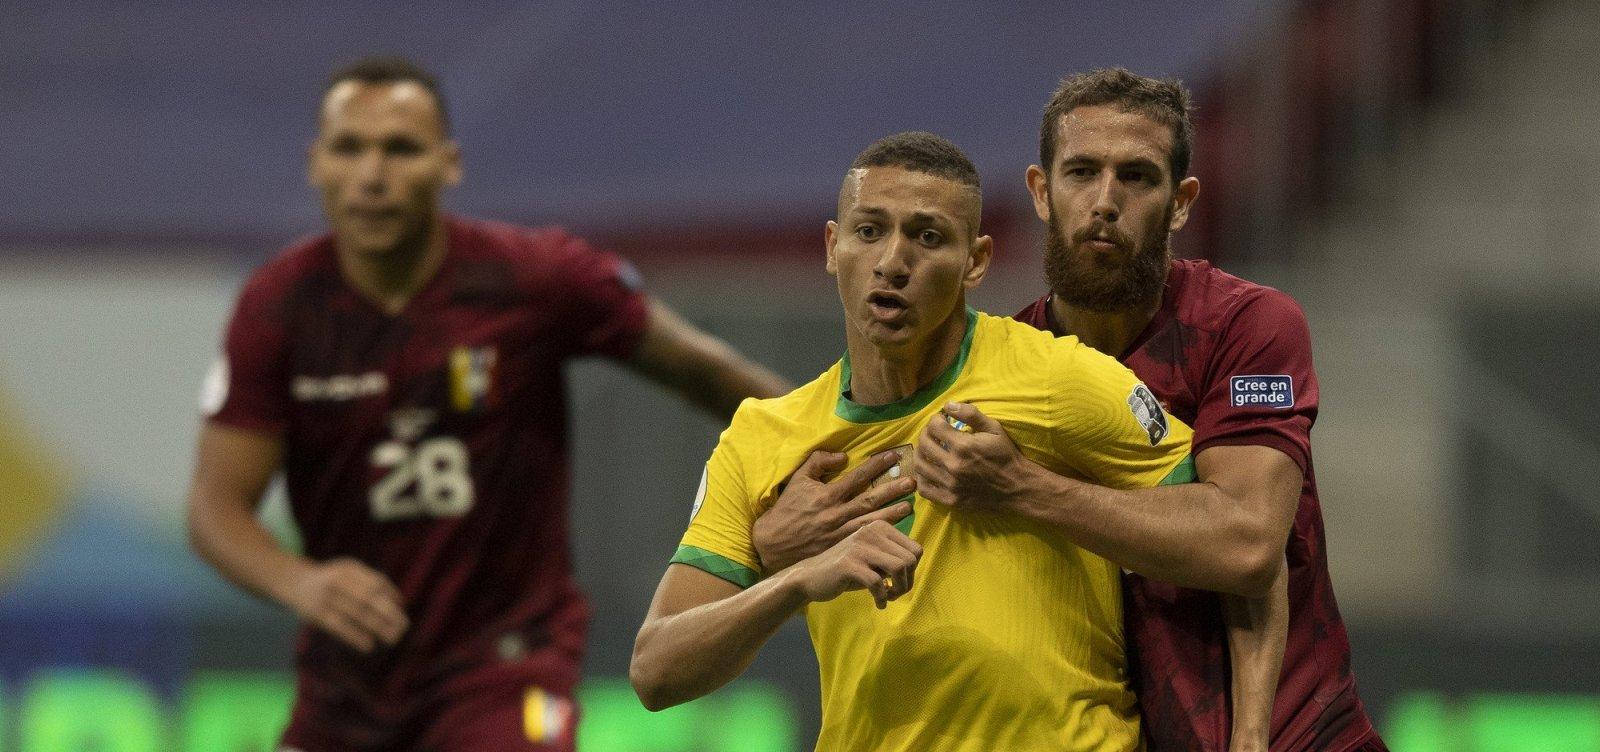 Delegações da Copa América já possuem 41 casos de Covid-19, registra Ministério da Saúde